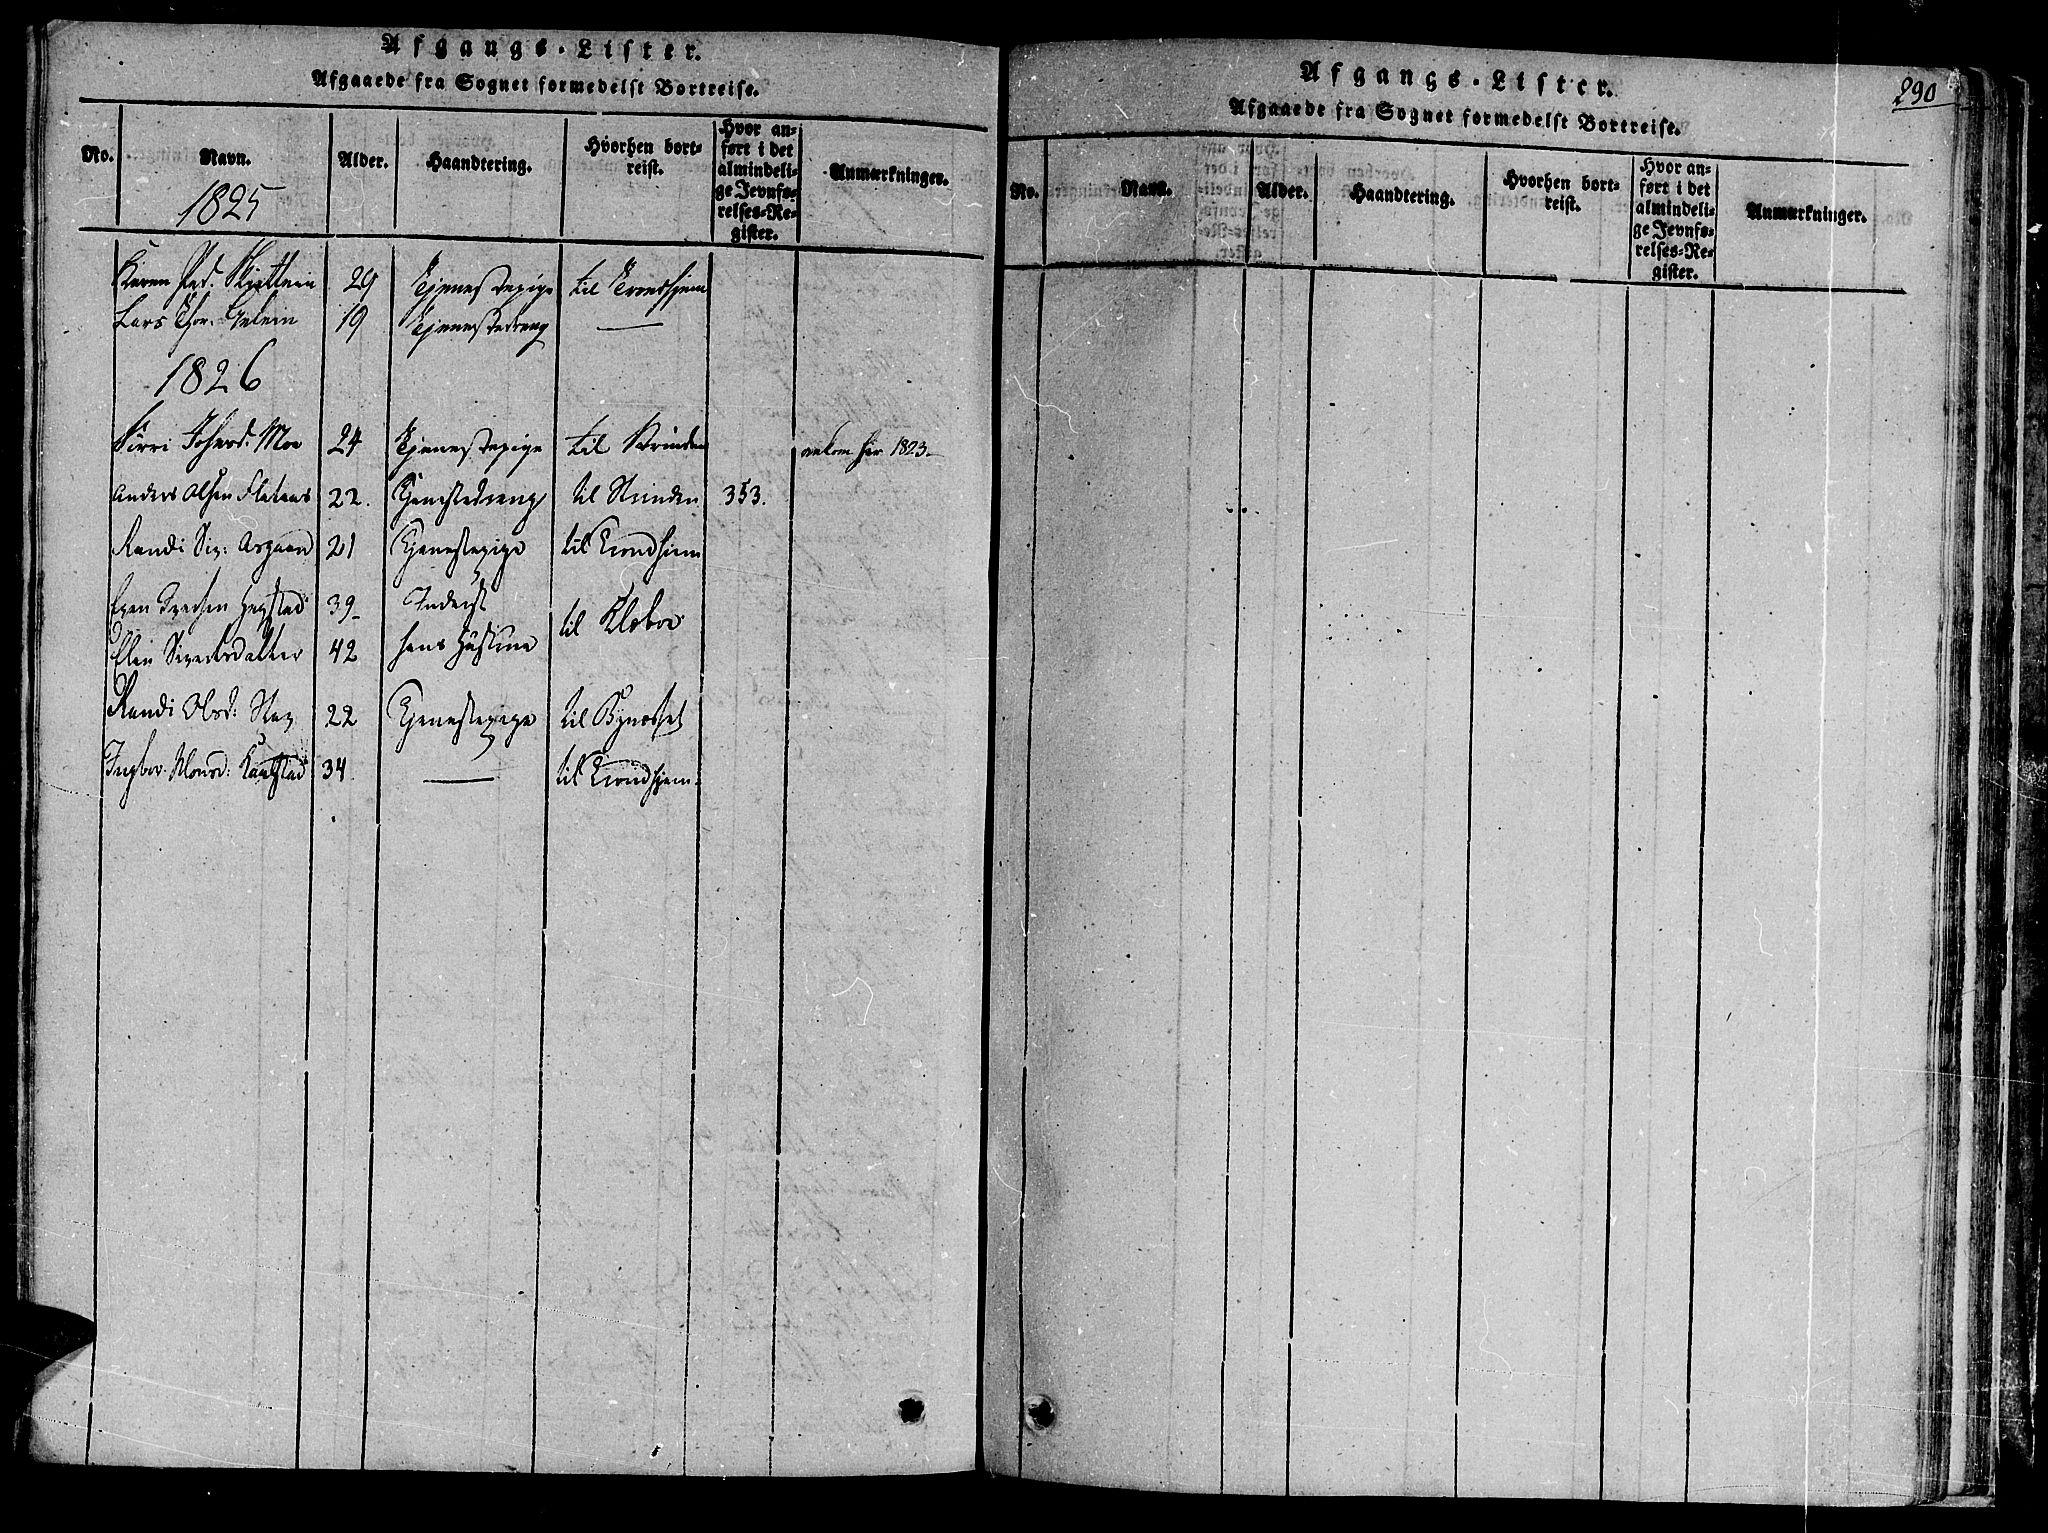 SAT, Ministerialprotokoller, klokkerbøker og fødselsregistre - Sør-Trøndelag, 691/L1067: Ministerialbok nr. 691A03 /3, 1816-1826, s. 290